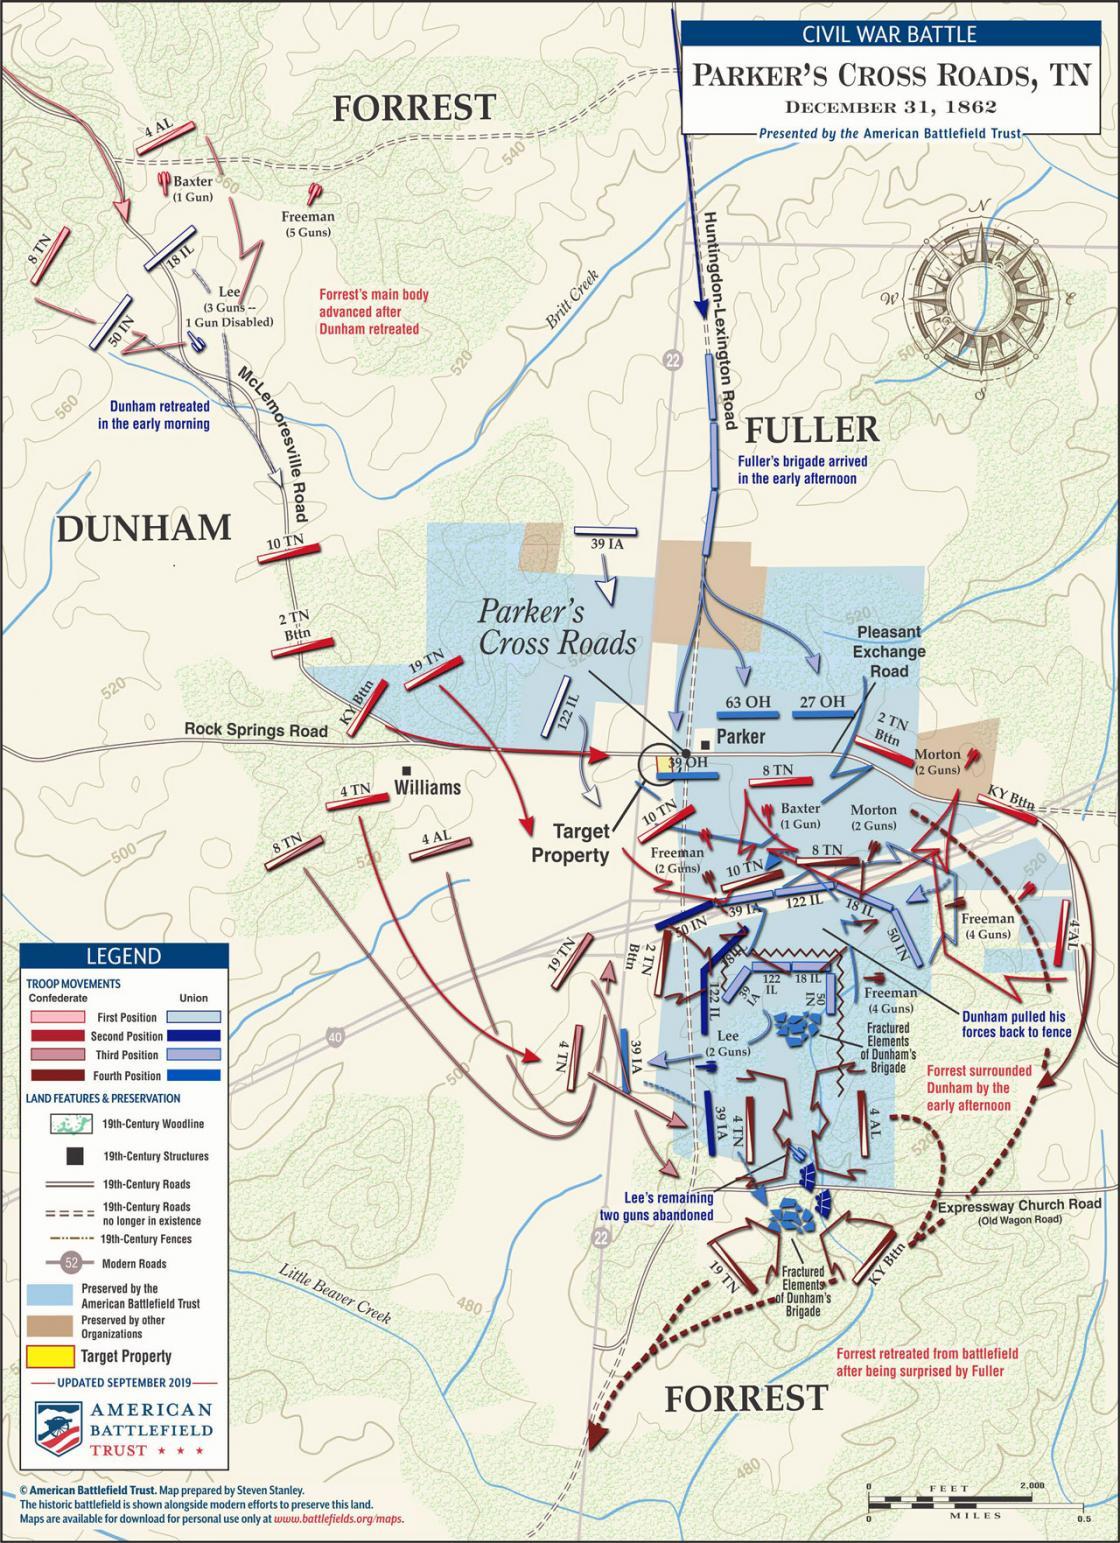 Parker S Cross Roads December 31 1862 American Battlefield Trust